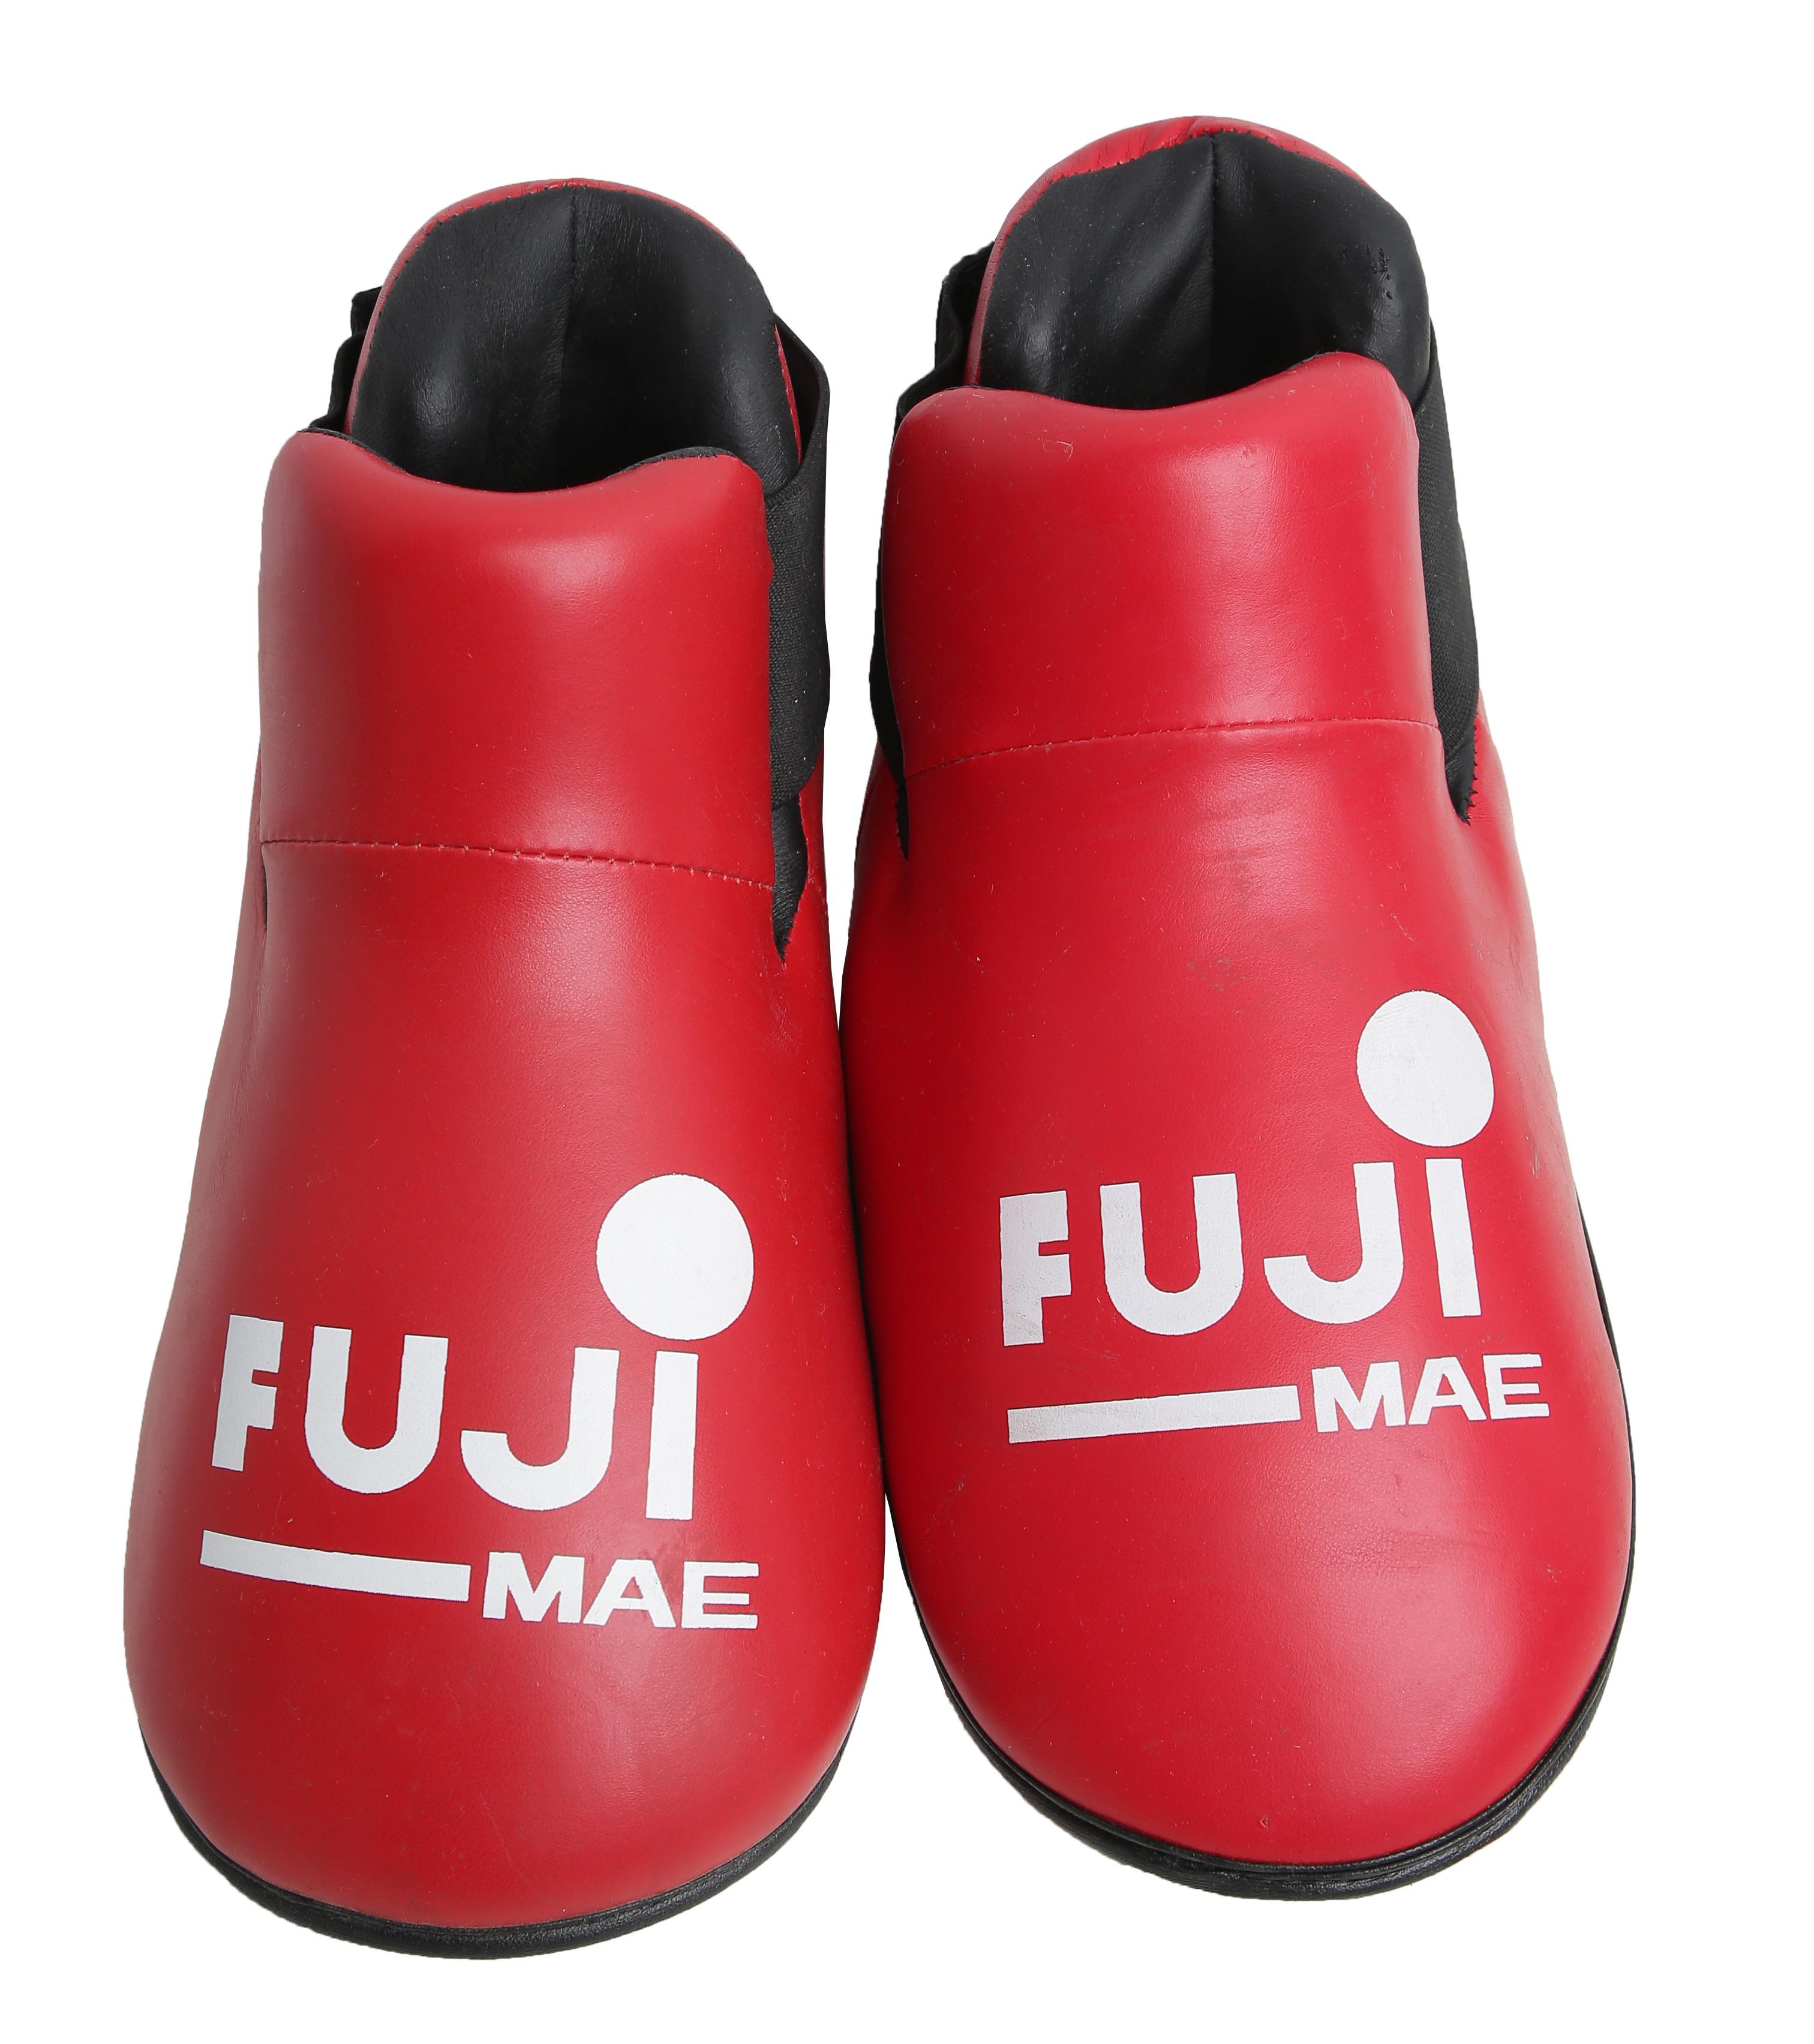 Футы fuji mae red